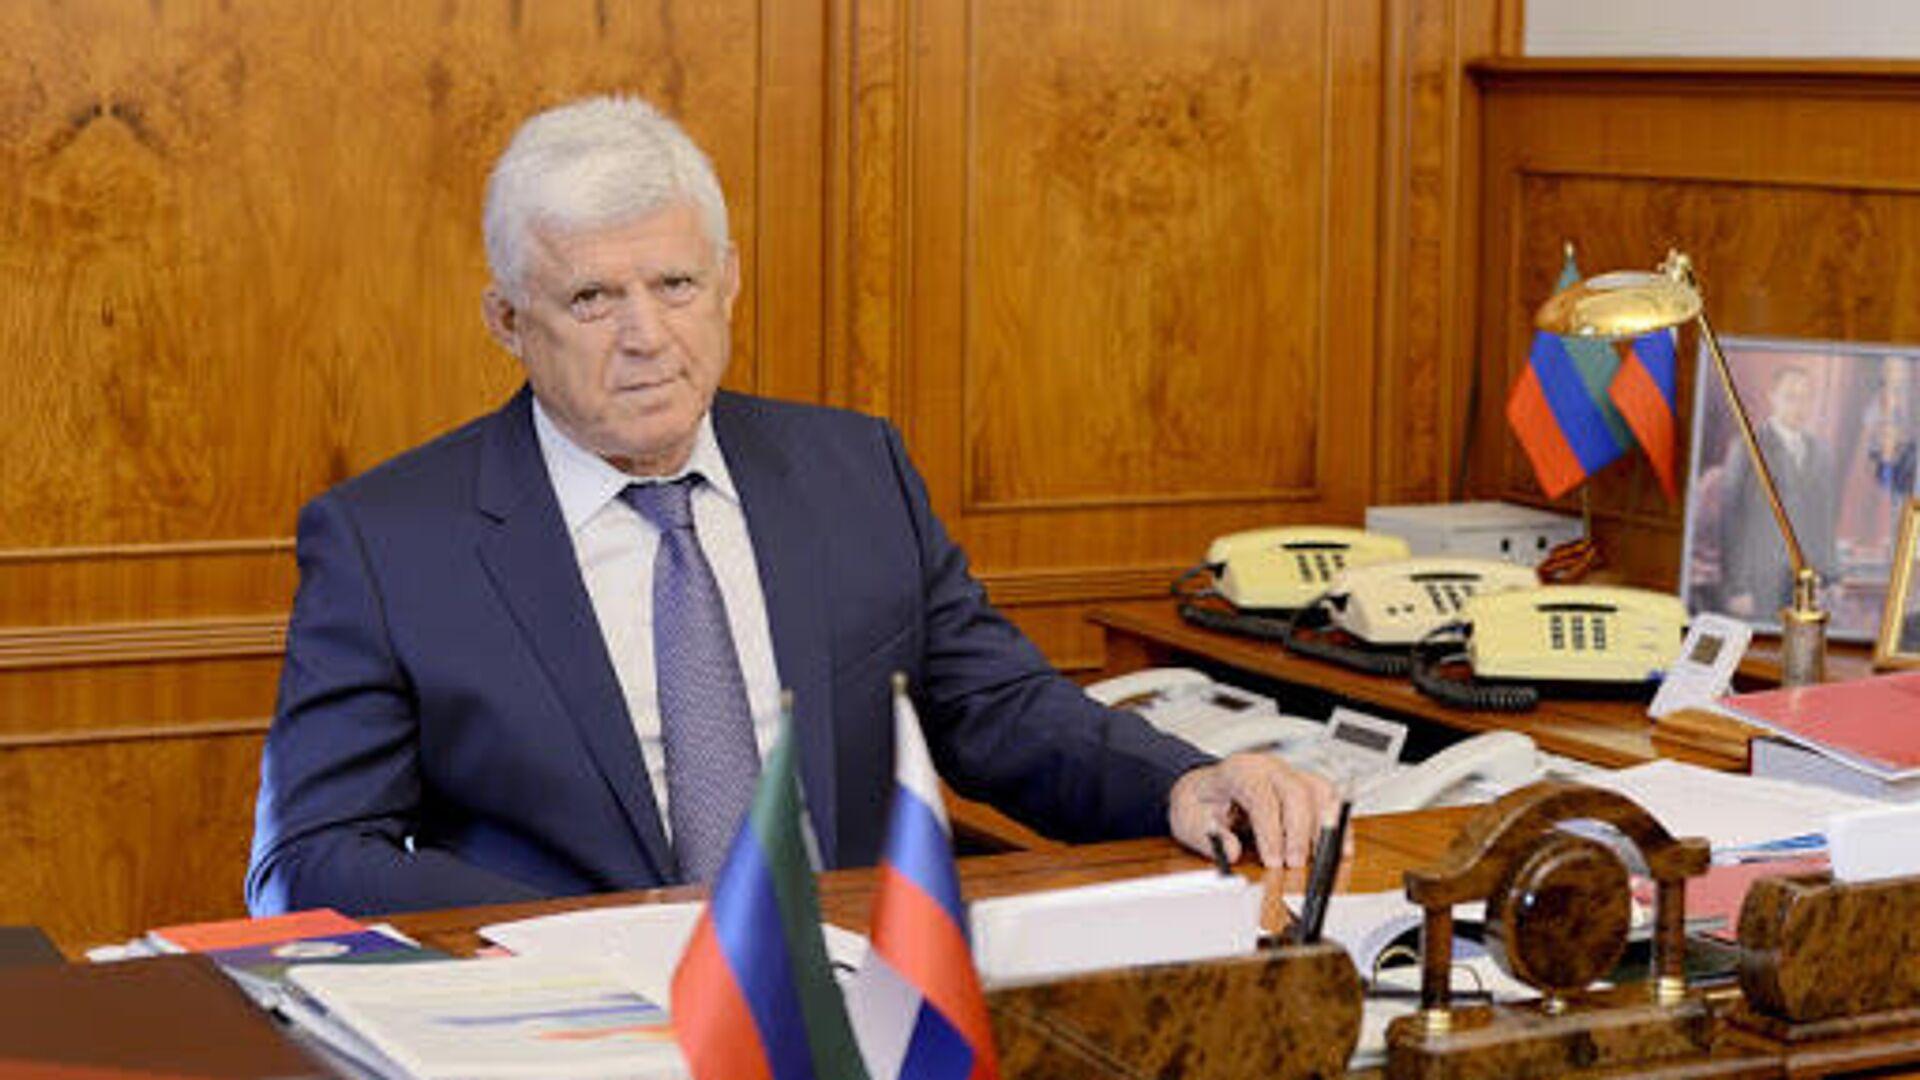 Председатель Народного собрания Дагестана подал в отставку